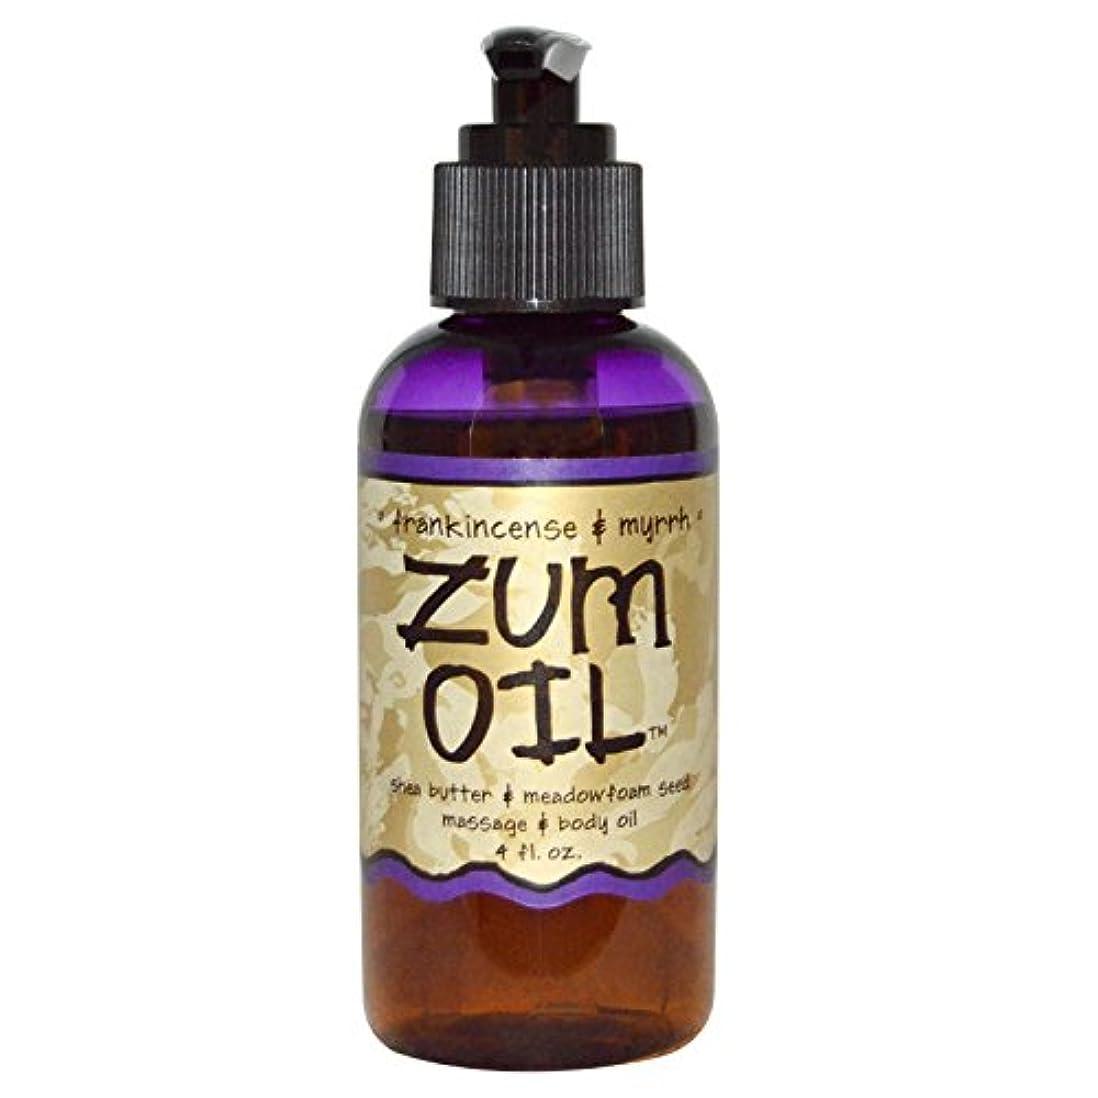 吸収剤びん飛び込む【Zum Oil】マッサージオイル(フランキンセンス&ミルラの香り) 約118ml [並行輸入品]